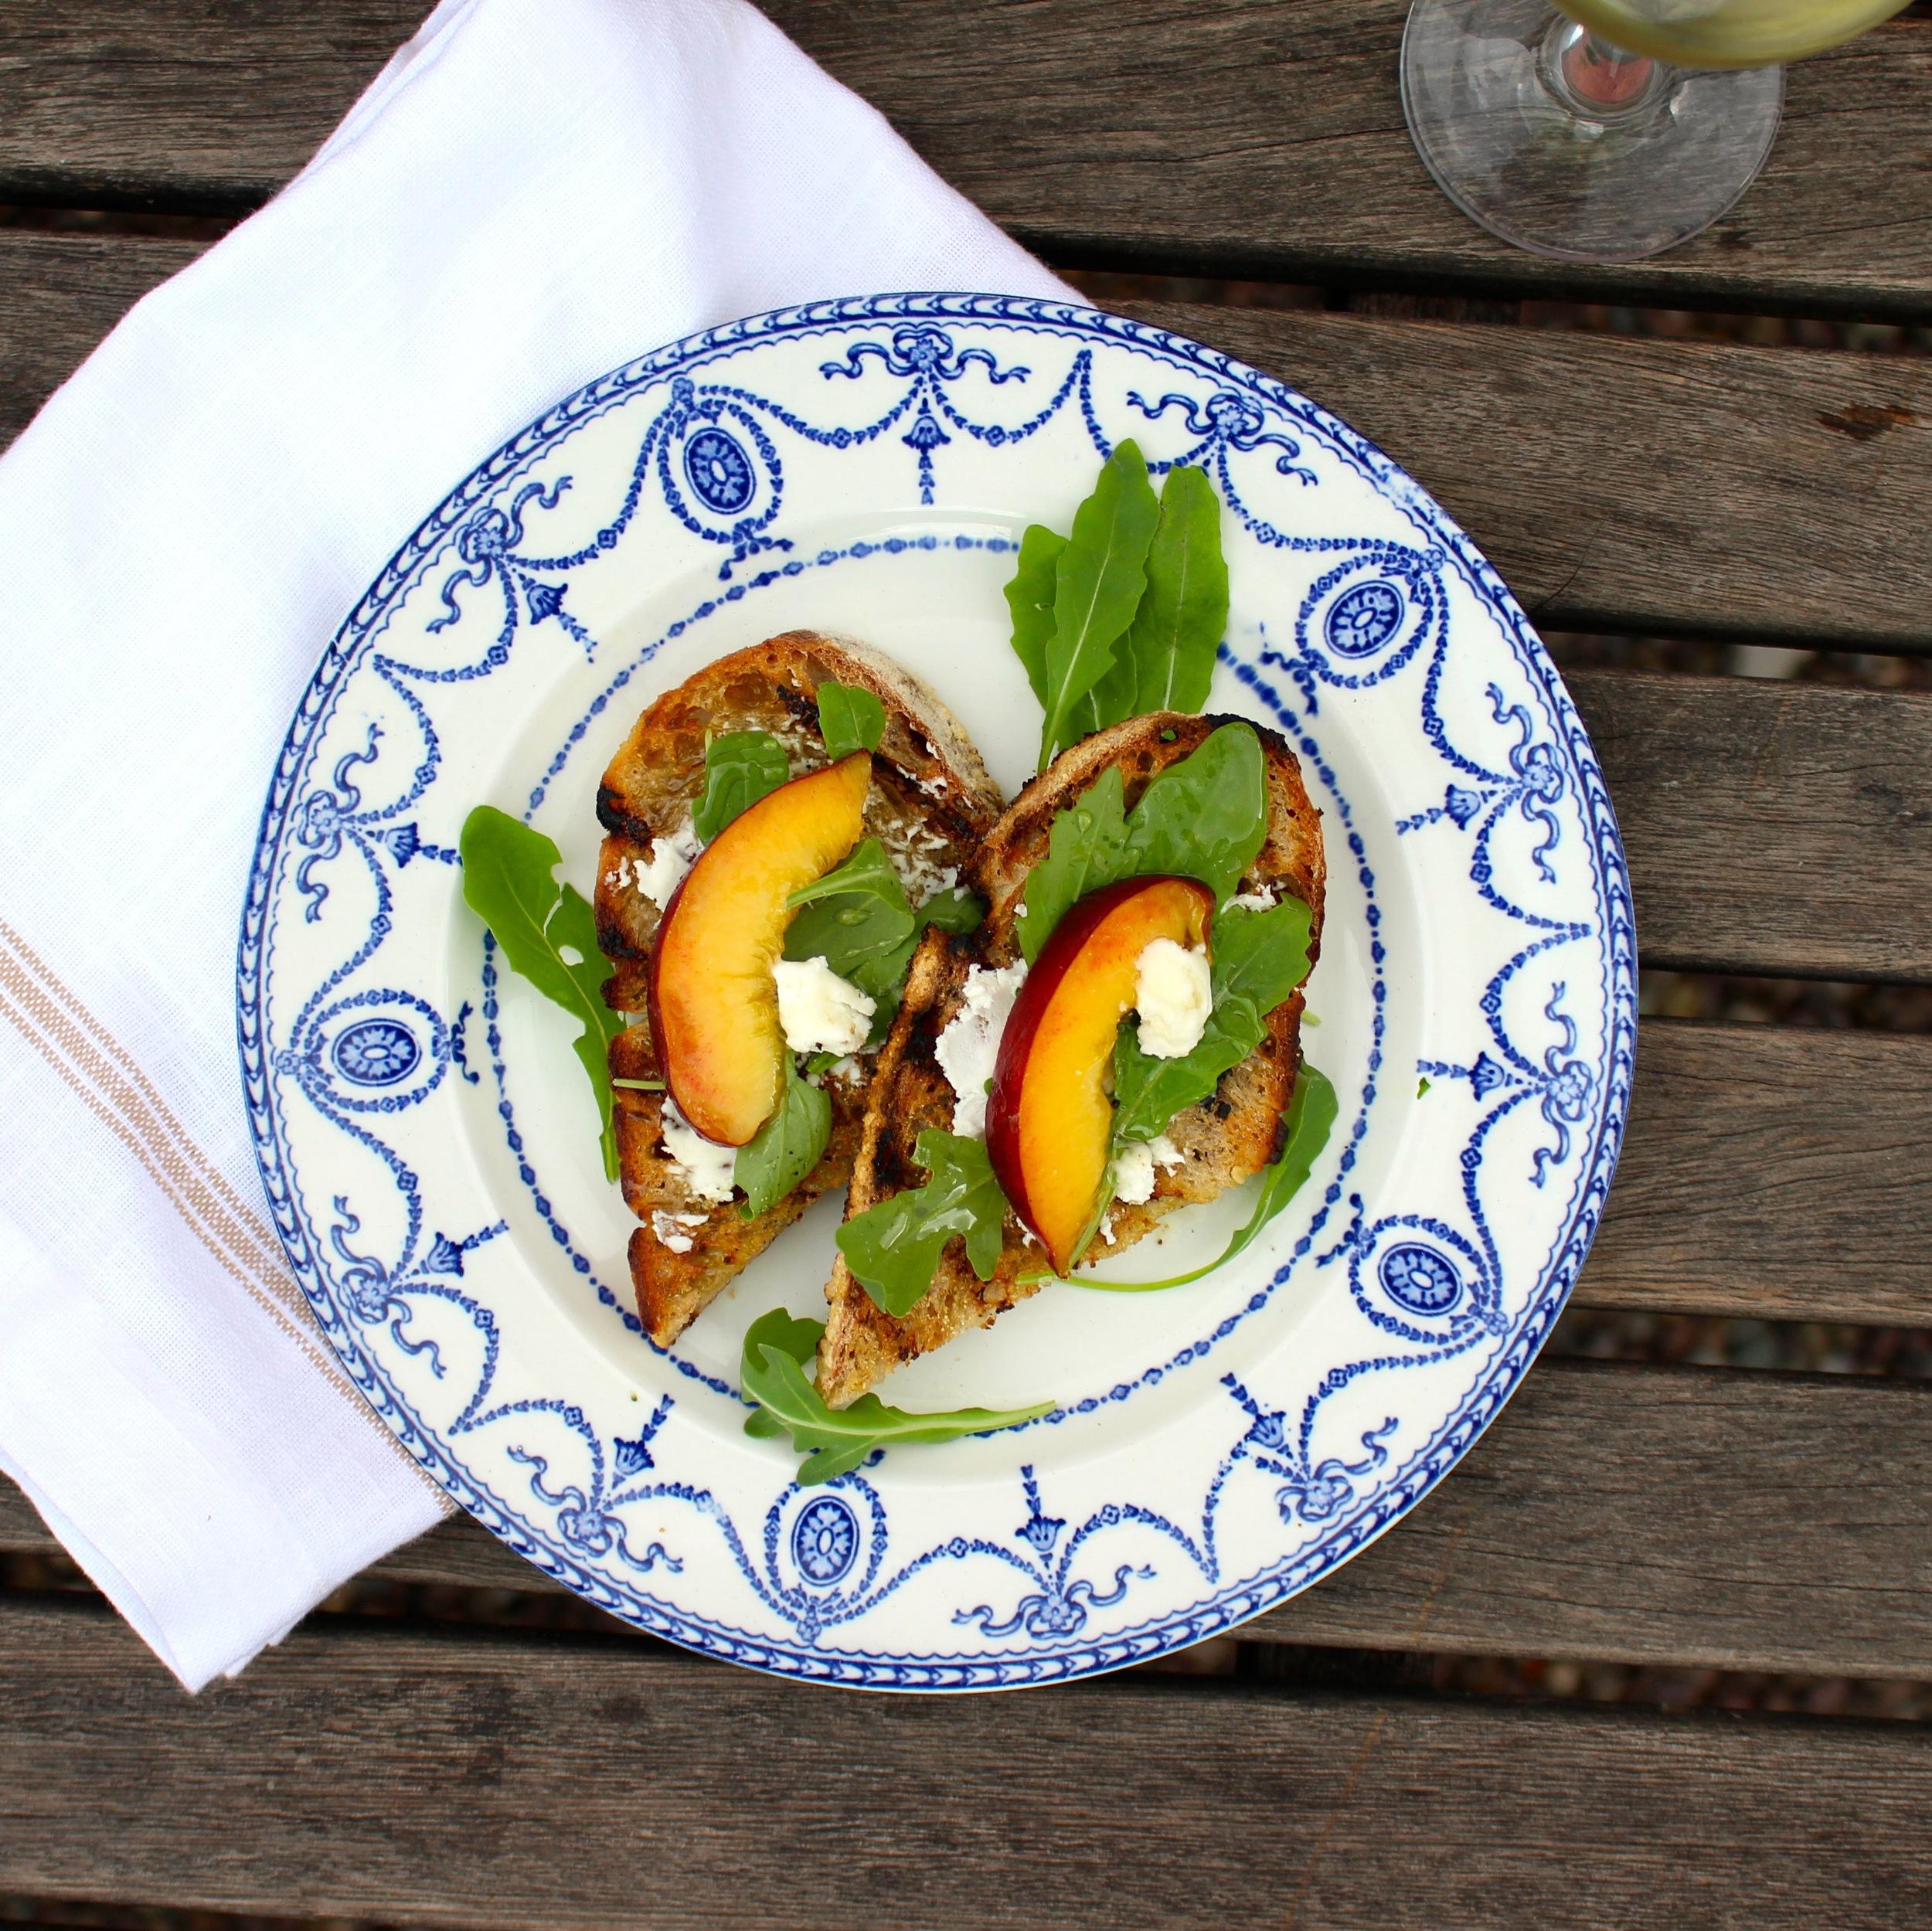 Bruschetta-Goat-Cheese-Peach-Arugula